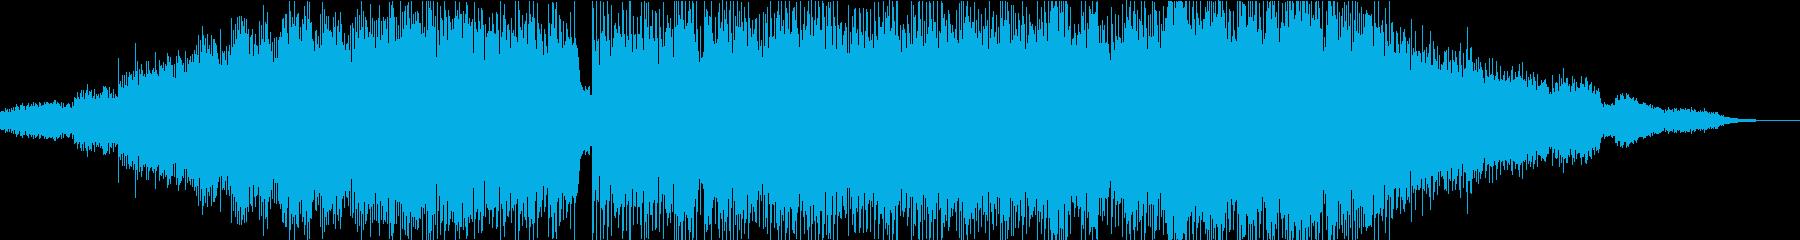 解放感のあるチルアウト音楽の再生済みの波形